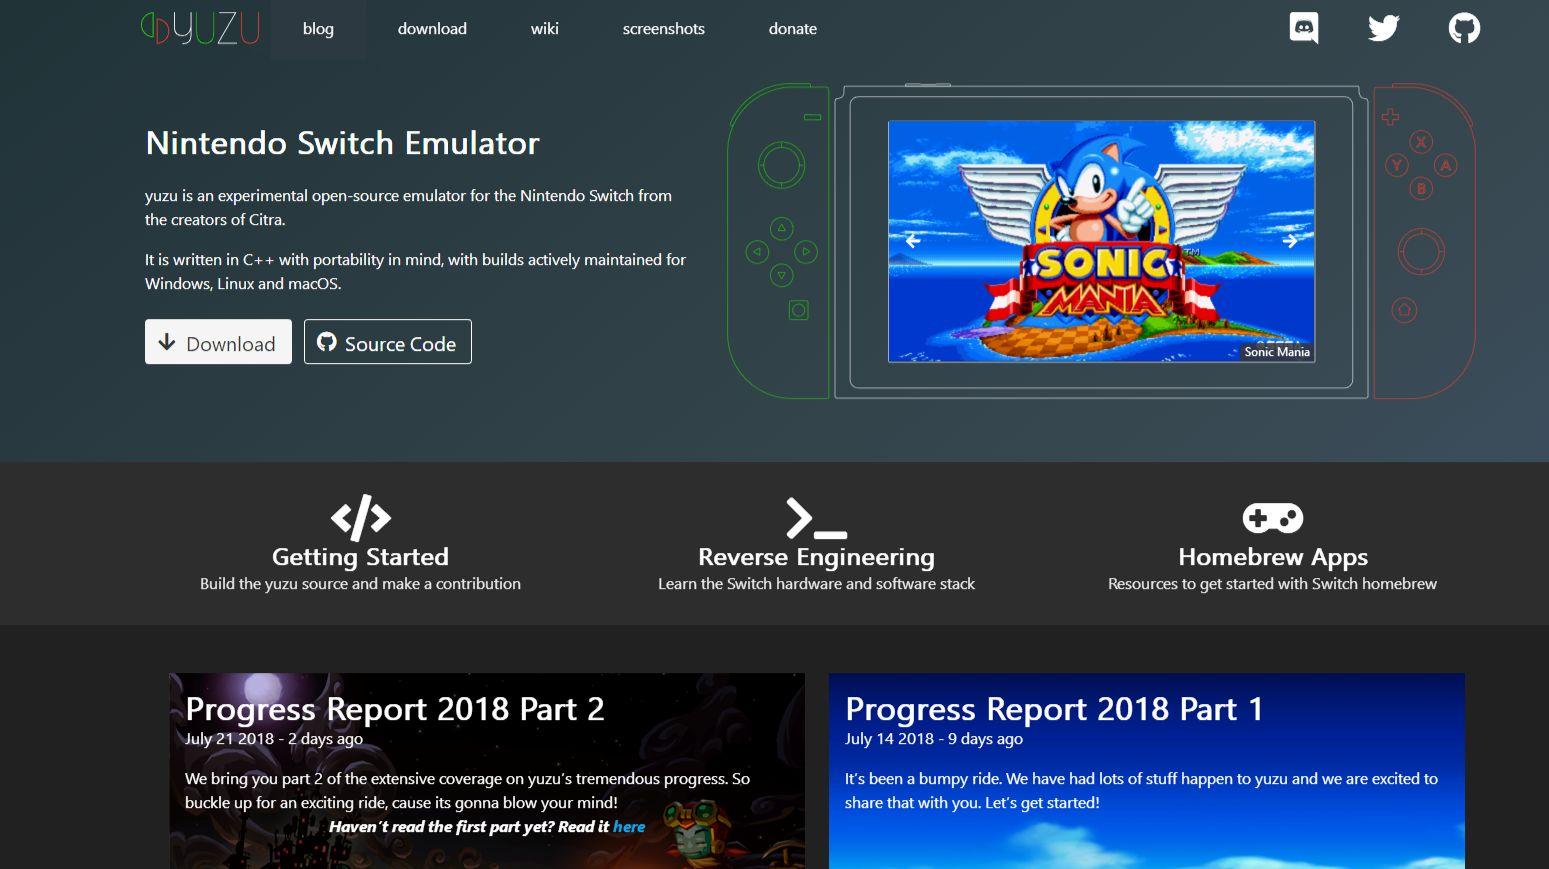 任天堂 Switch模拟器 Yuzu 进展报告 2018 Part 2 - 哔哩哔哩